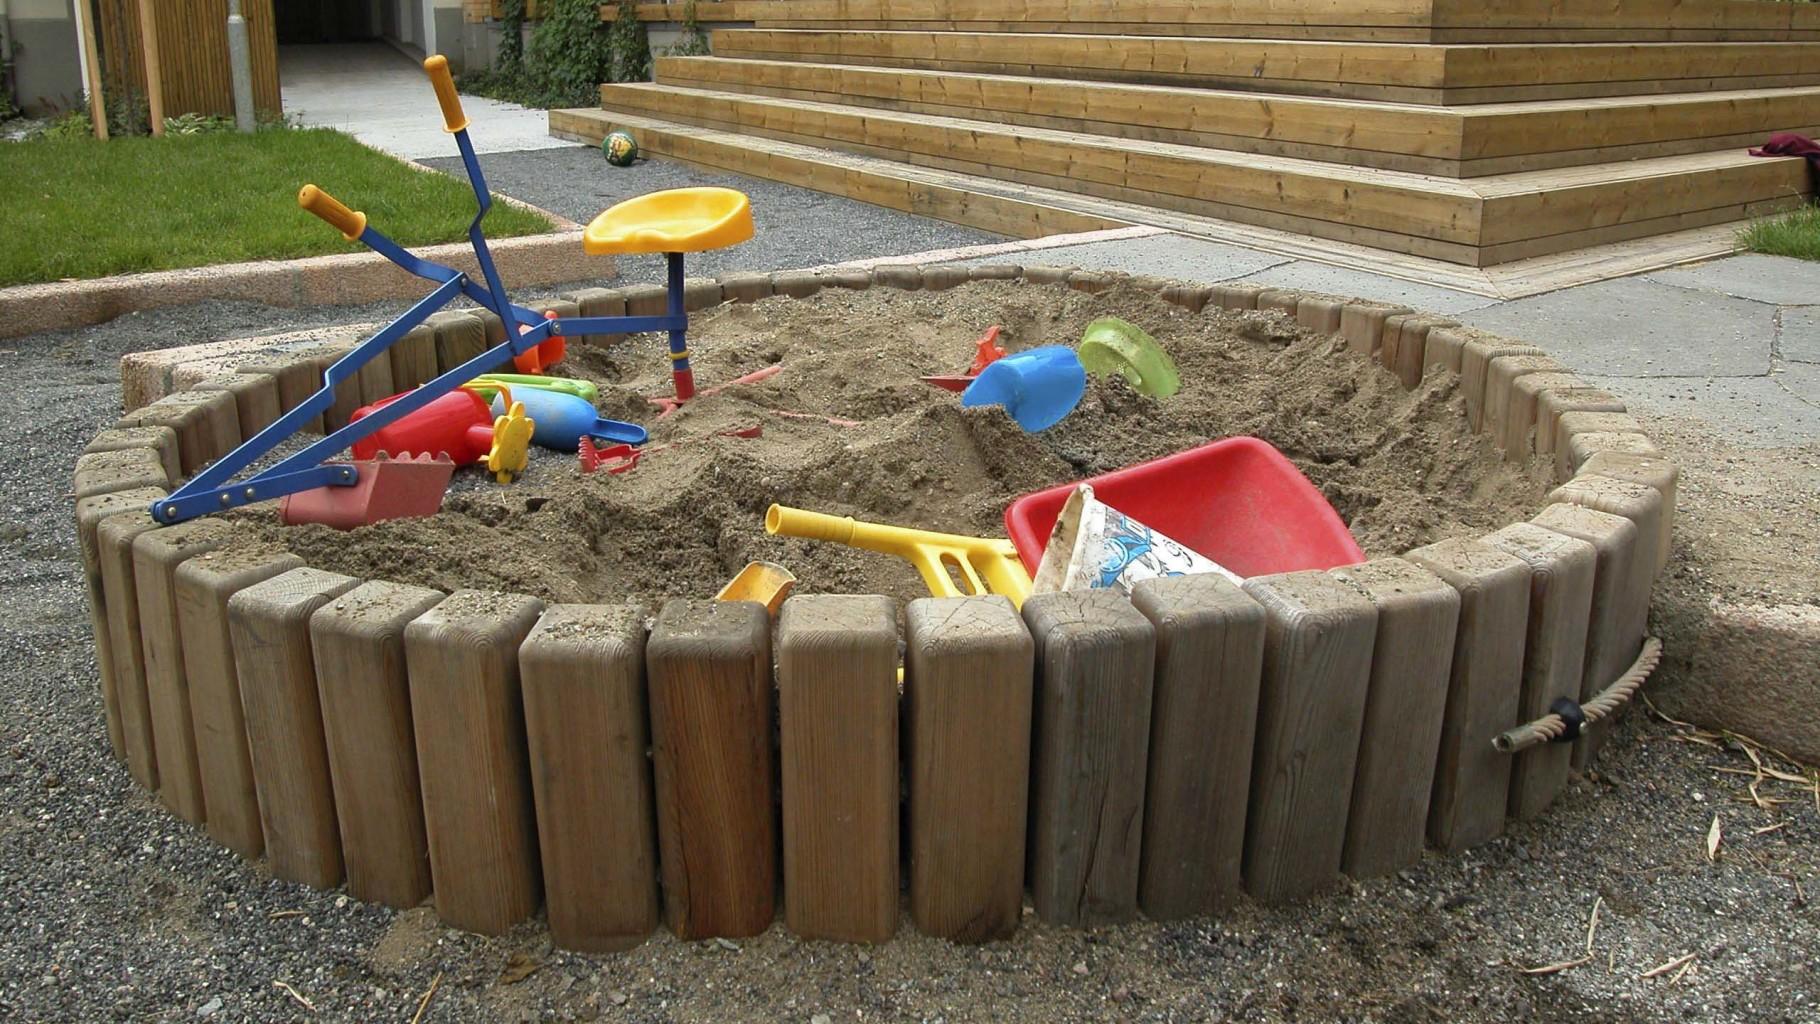 SANDKASSER: De minste barna elsker å leke i sandkassene. De er plassert ved siden av sittegruppene så hele familien kan være sammen i leken. Sandkassene er dype og hvert år skiftes sanden ut slik at den fungerer til lek og utforming av all verdens formasjoner. Utallige veier, hus, broer, borger, slott har blitt bygget her opp gjennom årene.